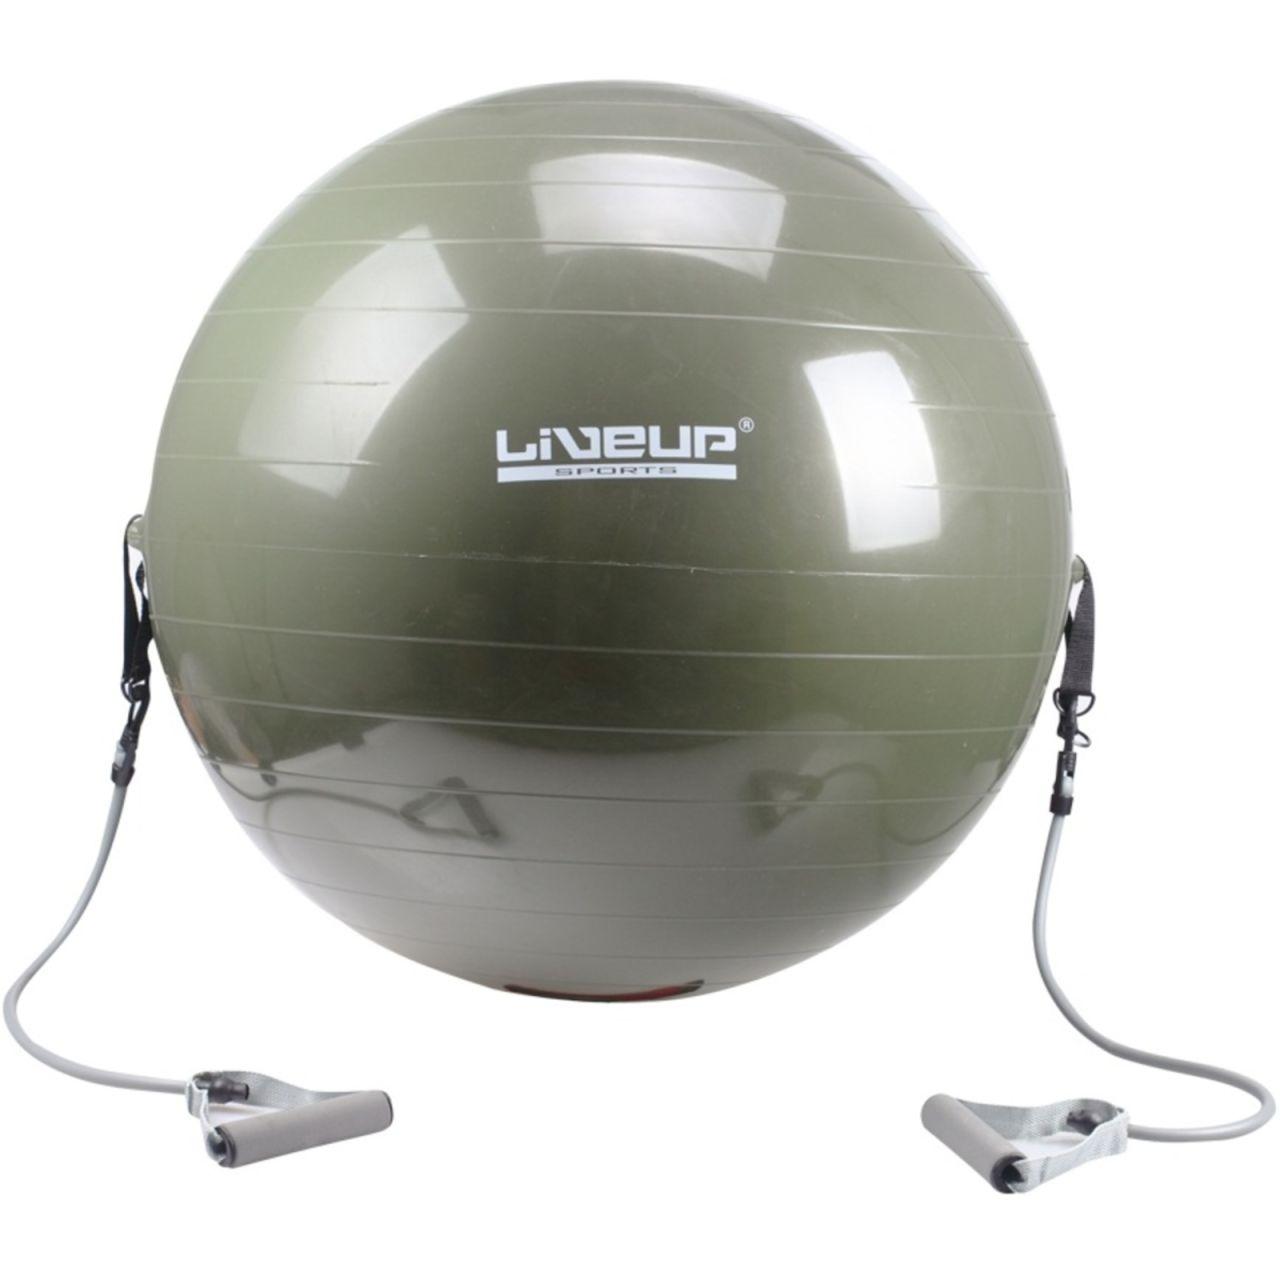 توپ بدنسازی لیوآپ مدل LS3227 با قطر 65 سانتی متر